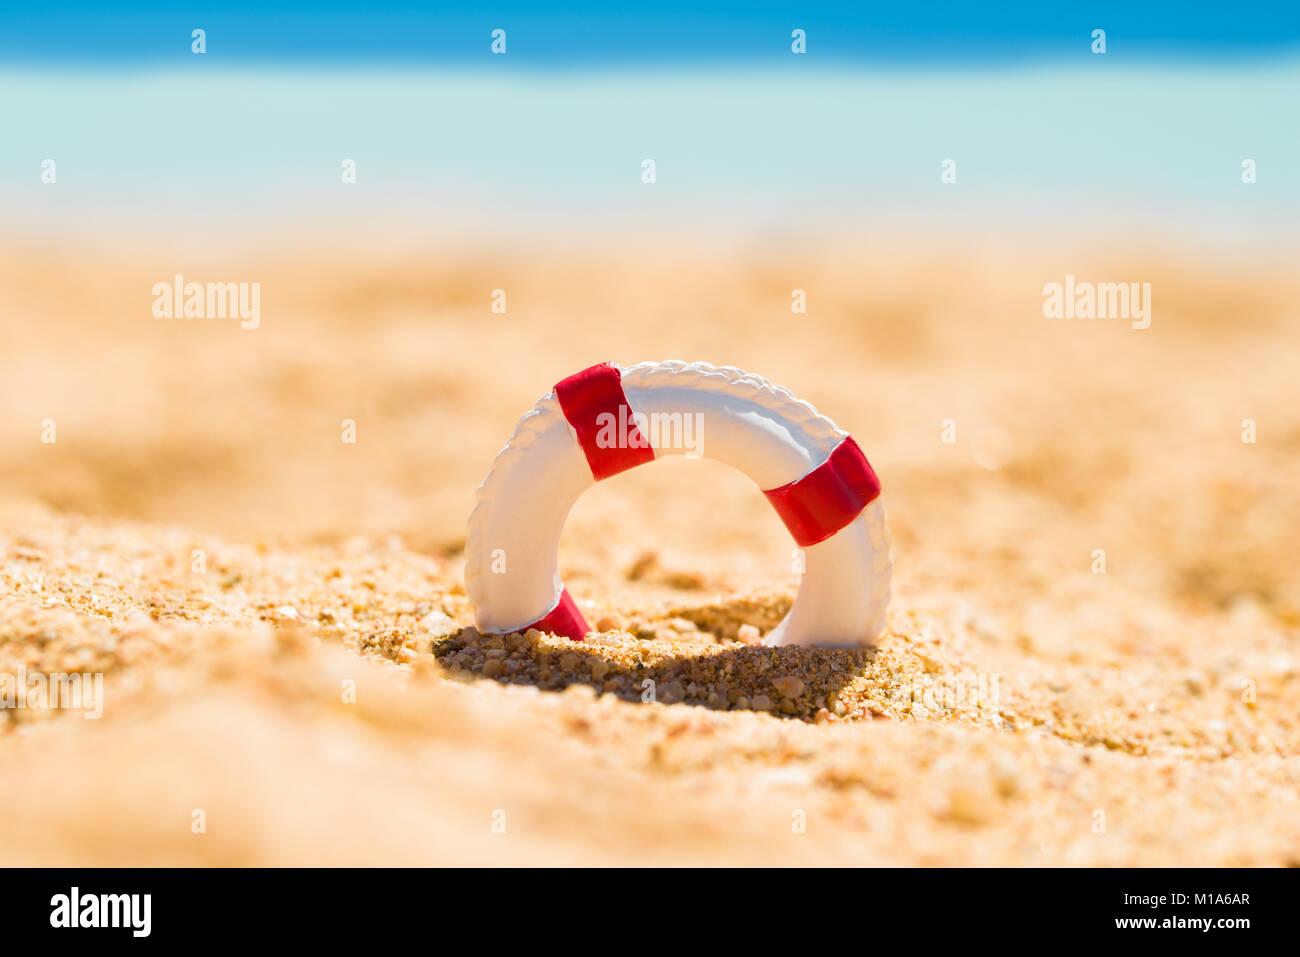 Miniatura il bianco e il rosso salvagente in sabbia in spiaggia Immagini Stock